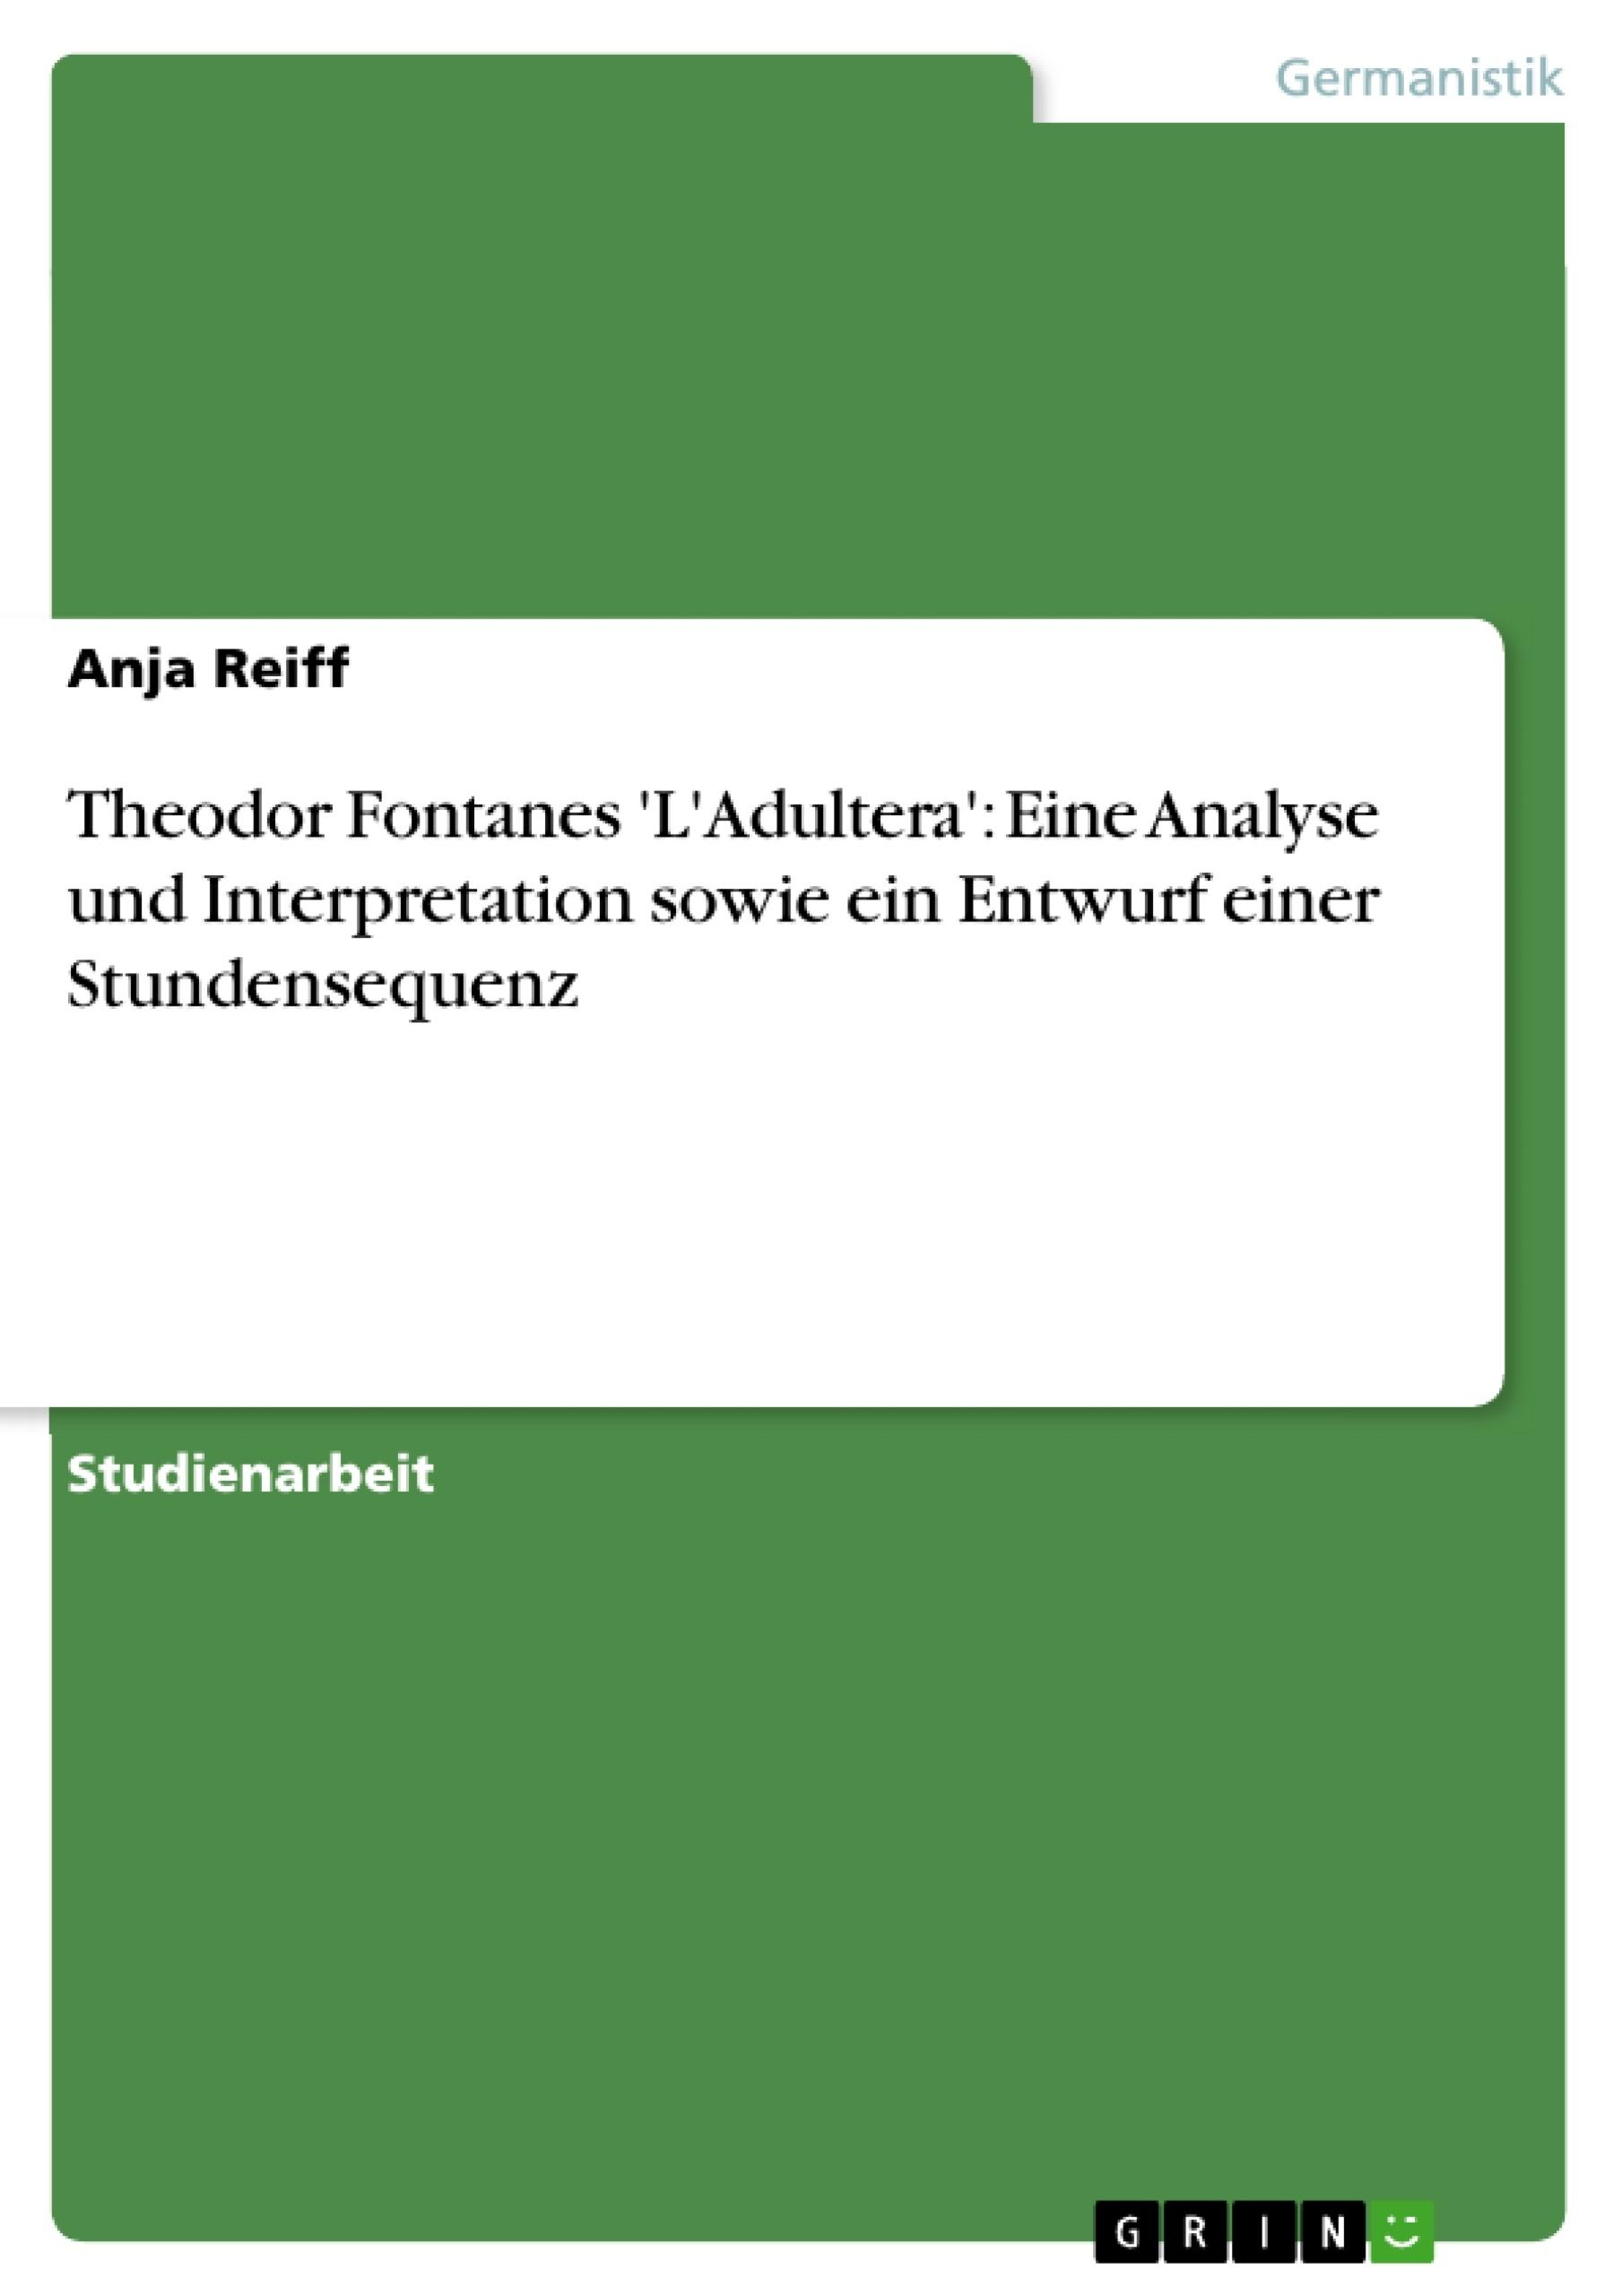 Titel: Theodor Fontanes 'L'Adultera': Eine Analyse und Interpretation sowie ein Entwurf einer Stundensequenz